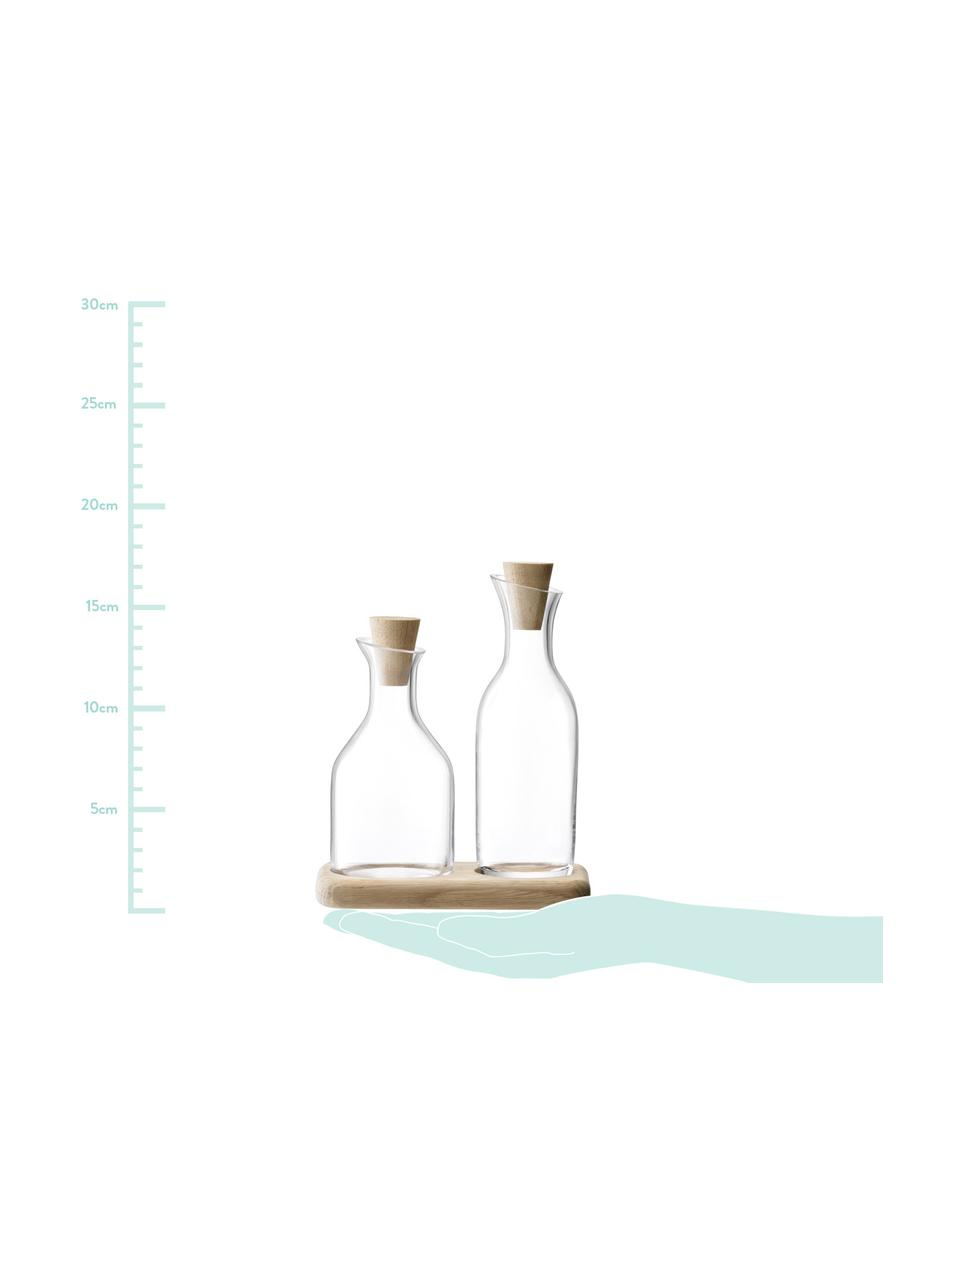 Set olio e aceto Serve in vetro e legno 3 pz, Dispenser: trasparente Parte inferiore: legno di quercia Serrature: legno di que, Set in varie misure